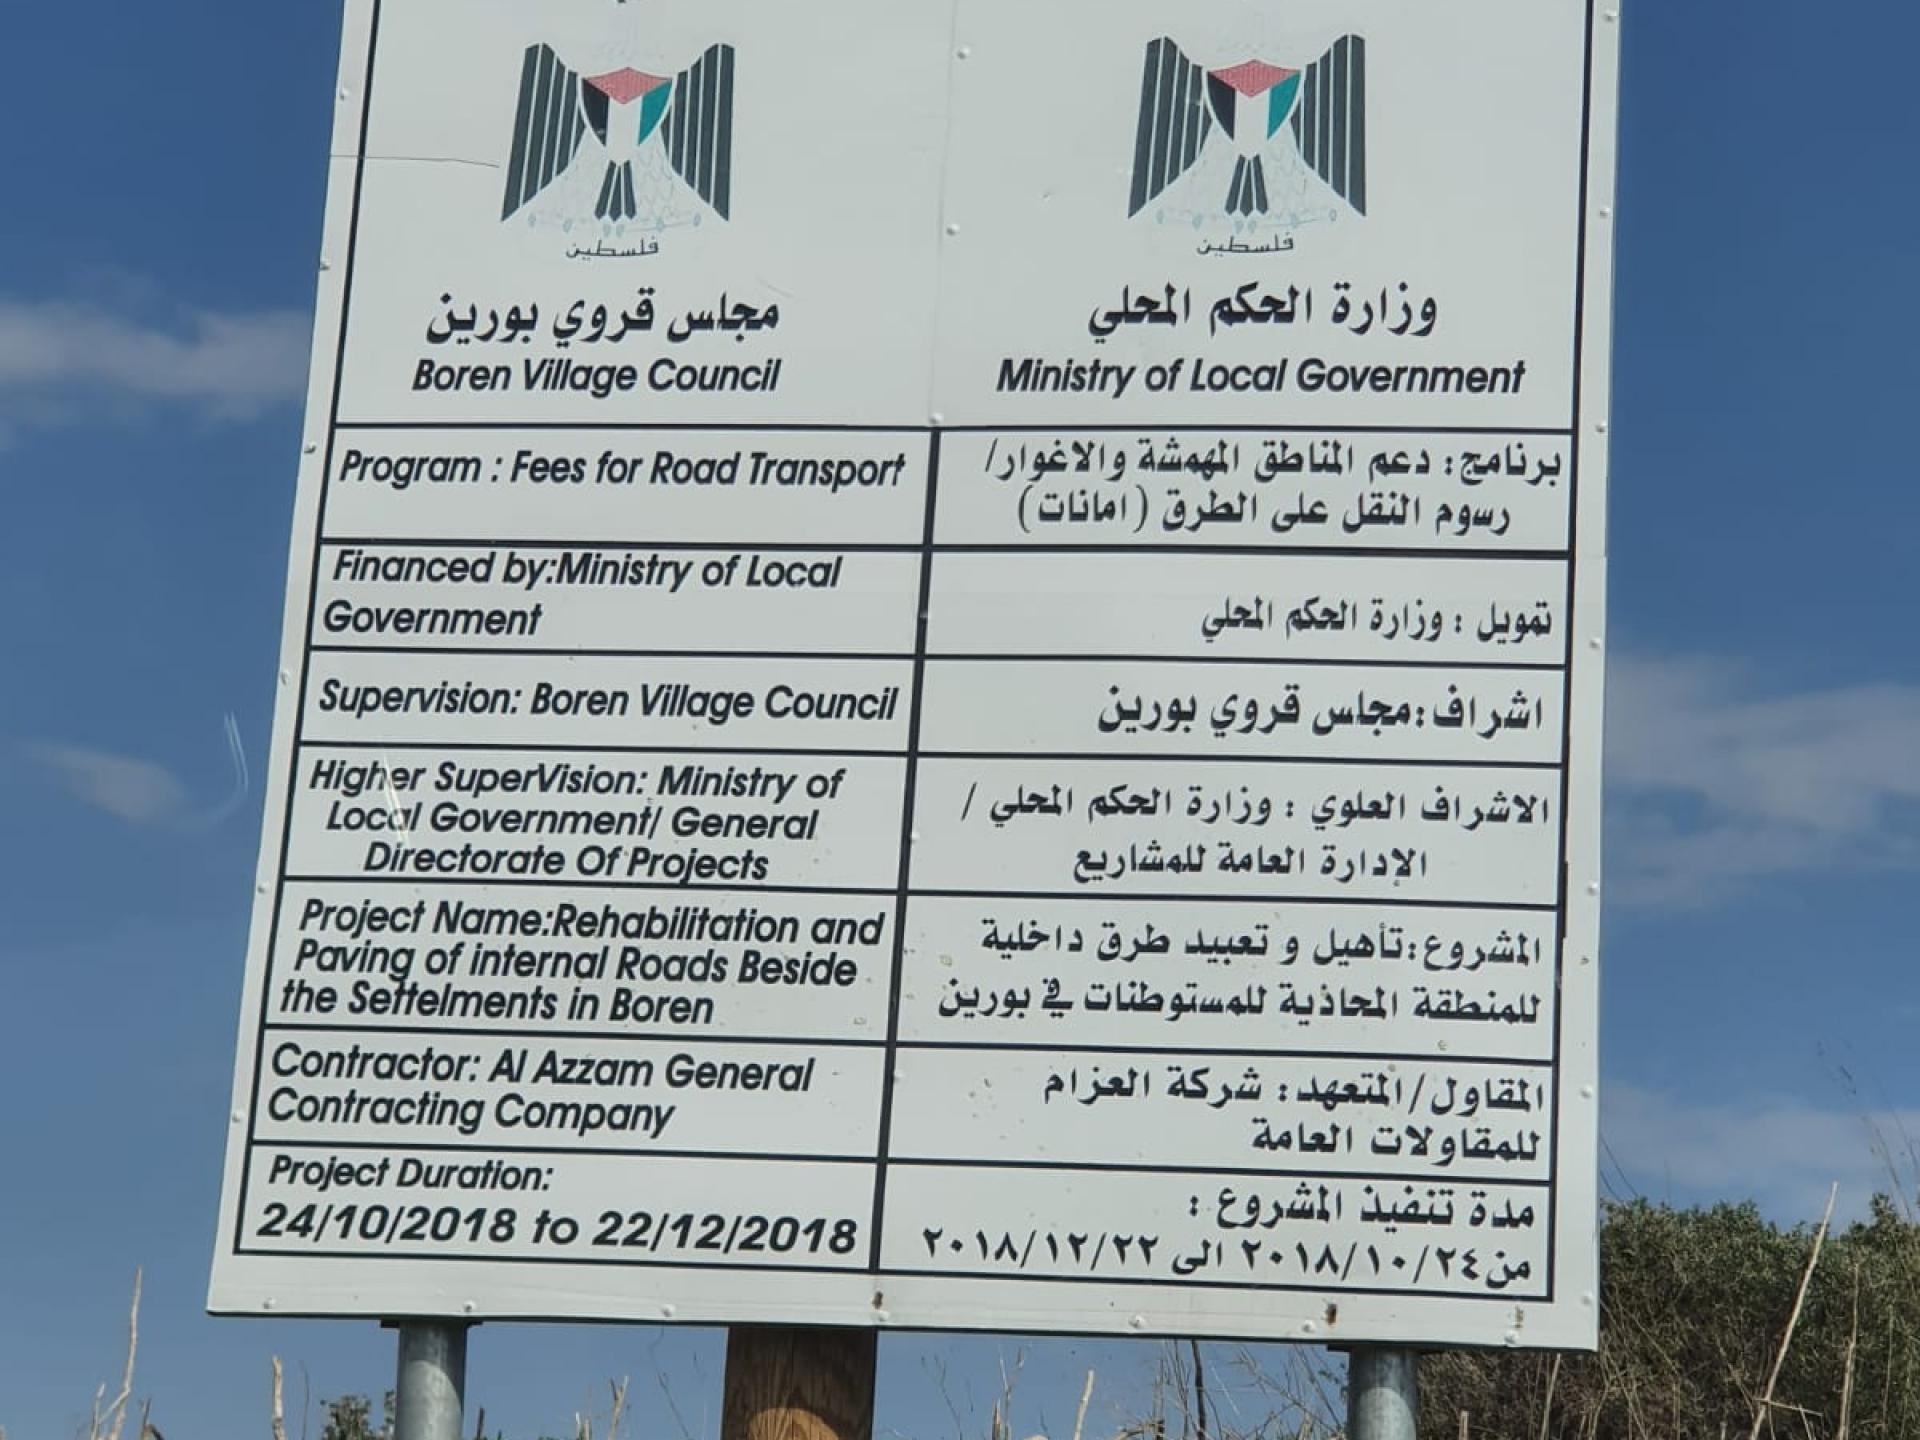 שלט עם פרטי סלילת הכביש החדש שהמועצה והרשות סללו.